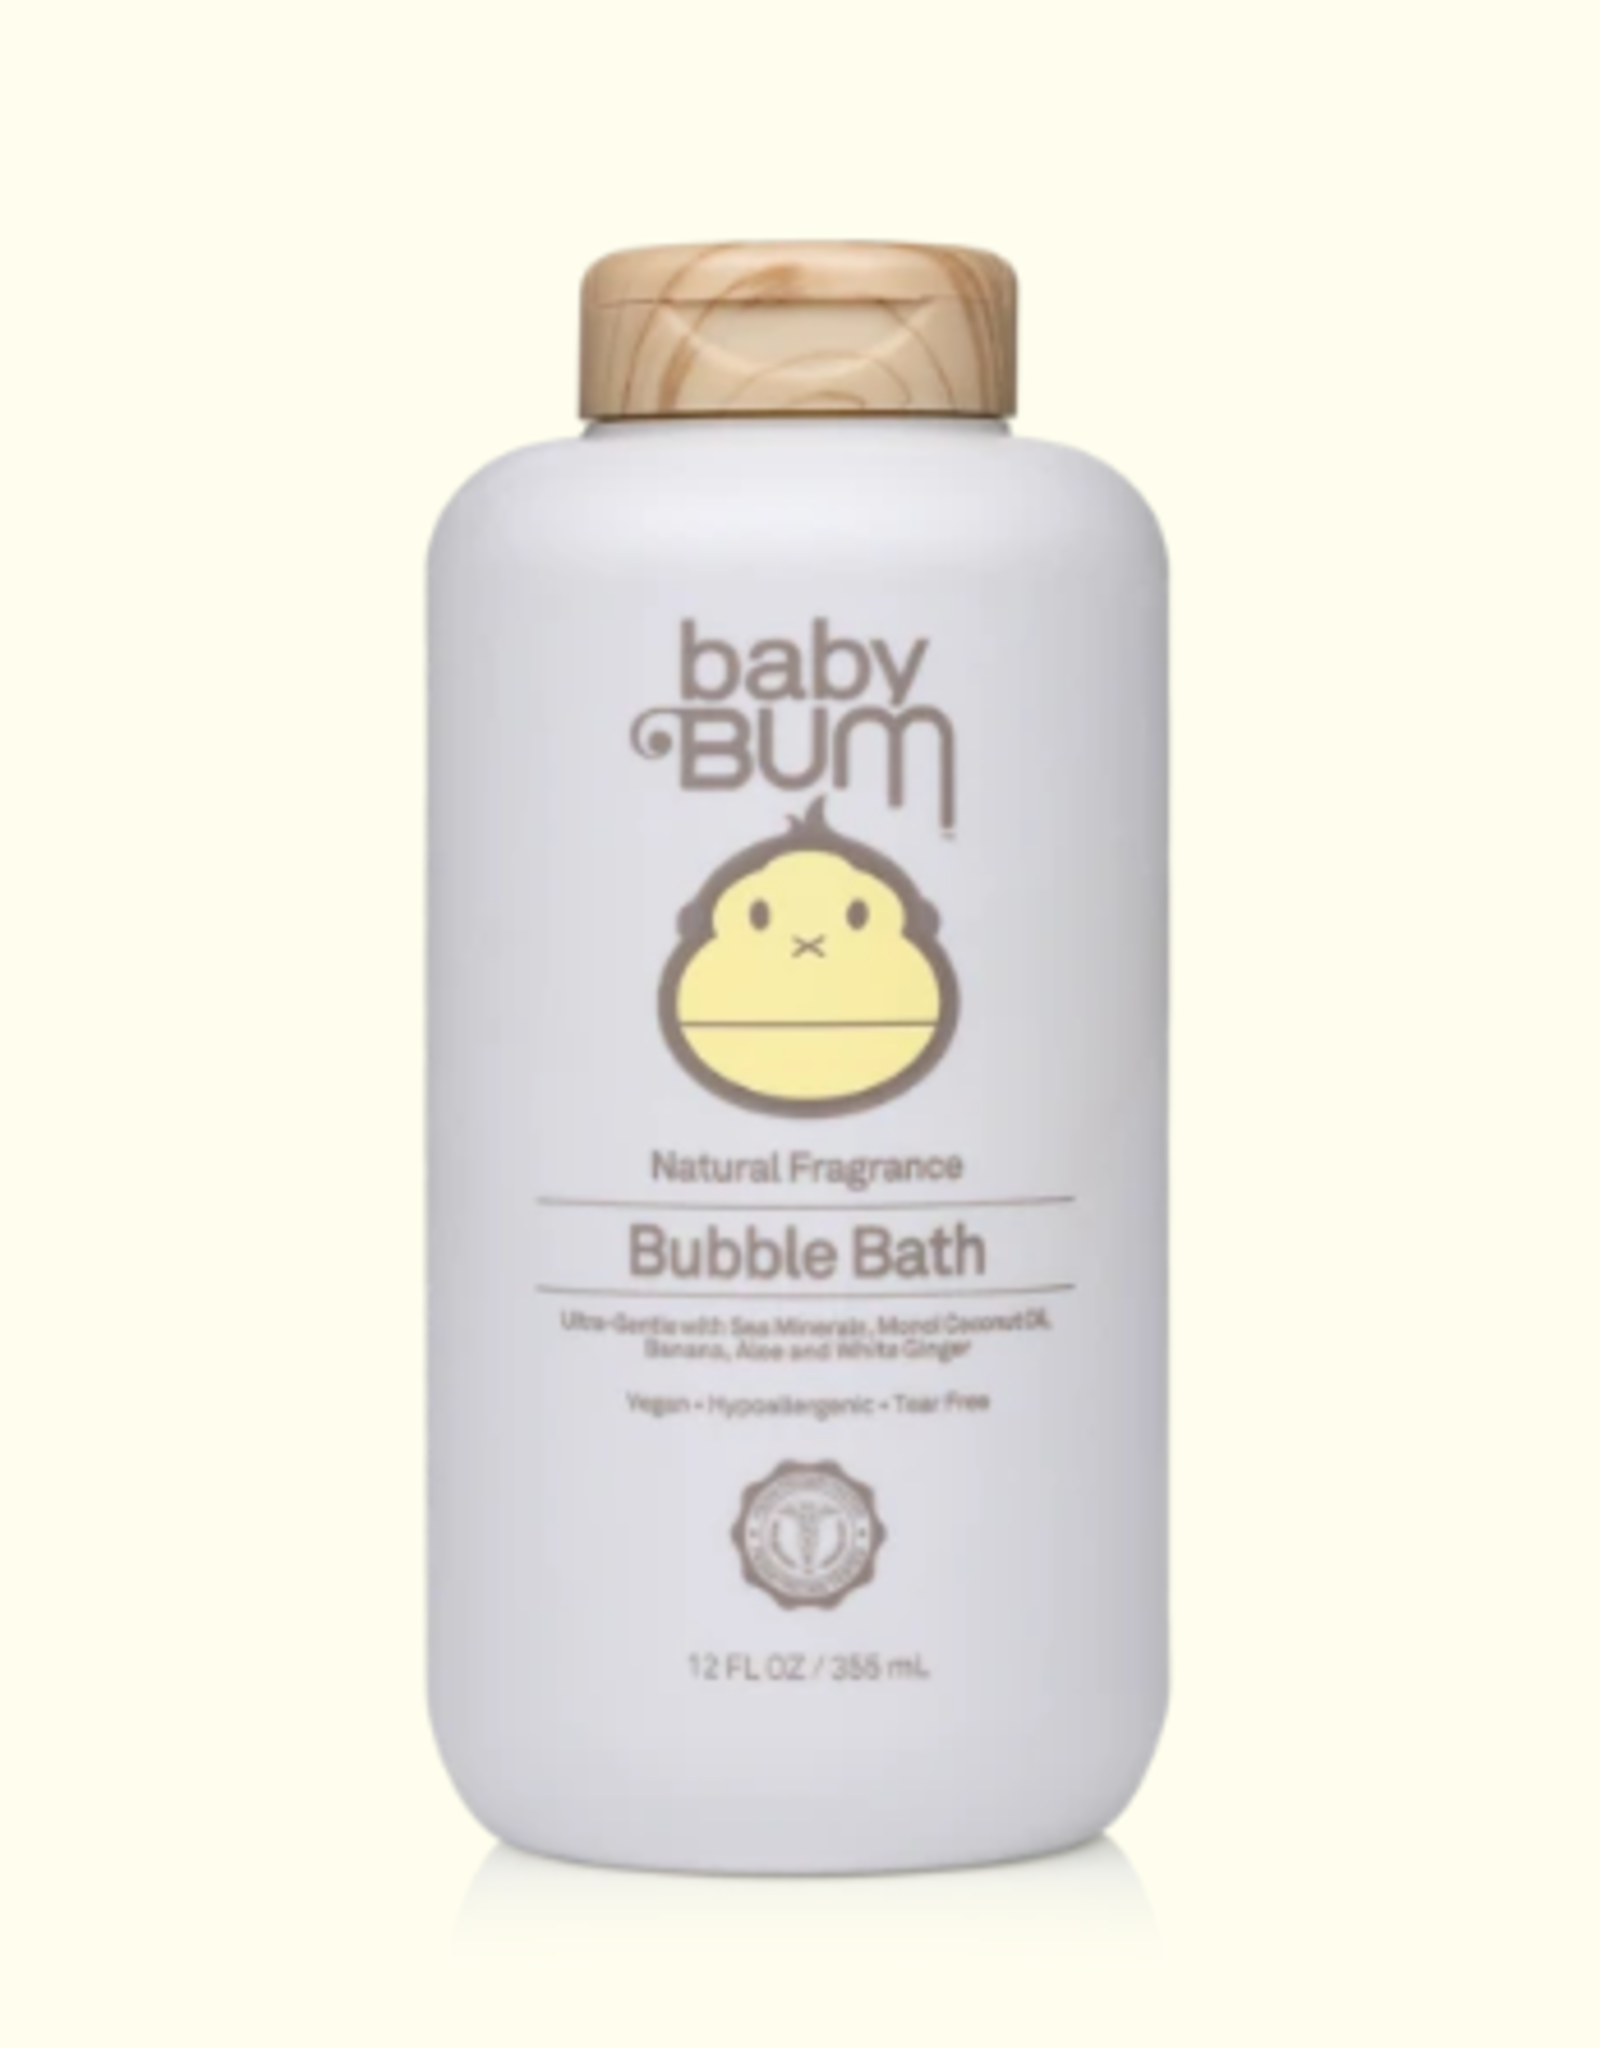 Sun Bum Baby Bum Bubble Bath 12 oz.